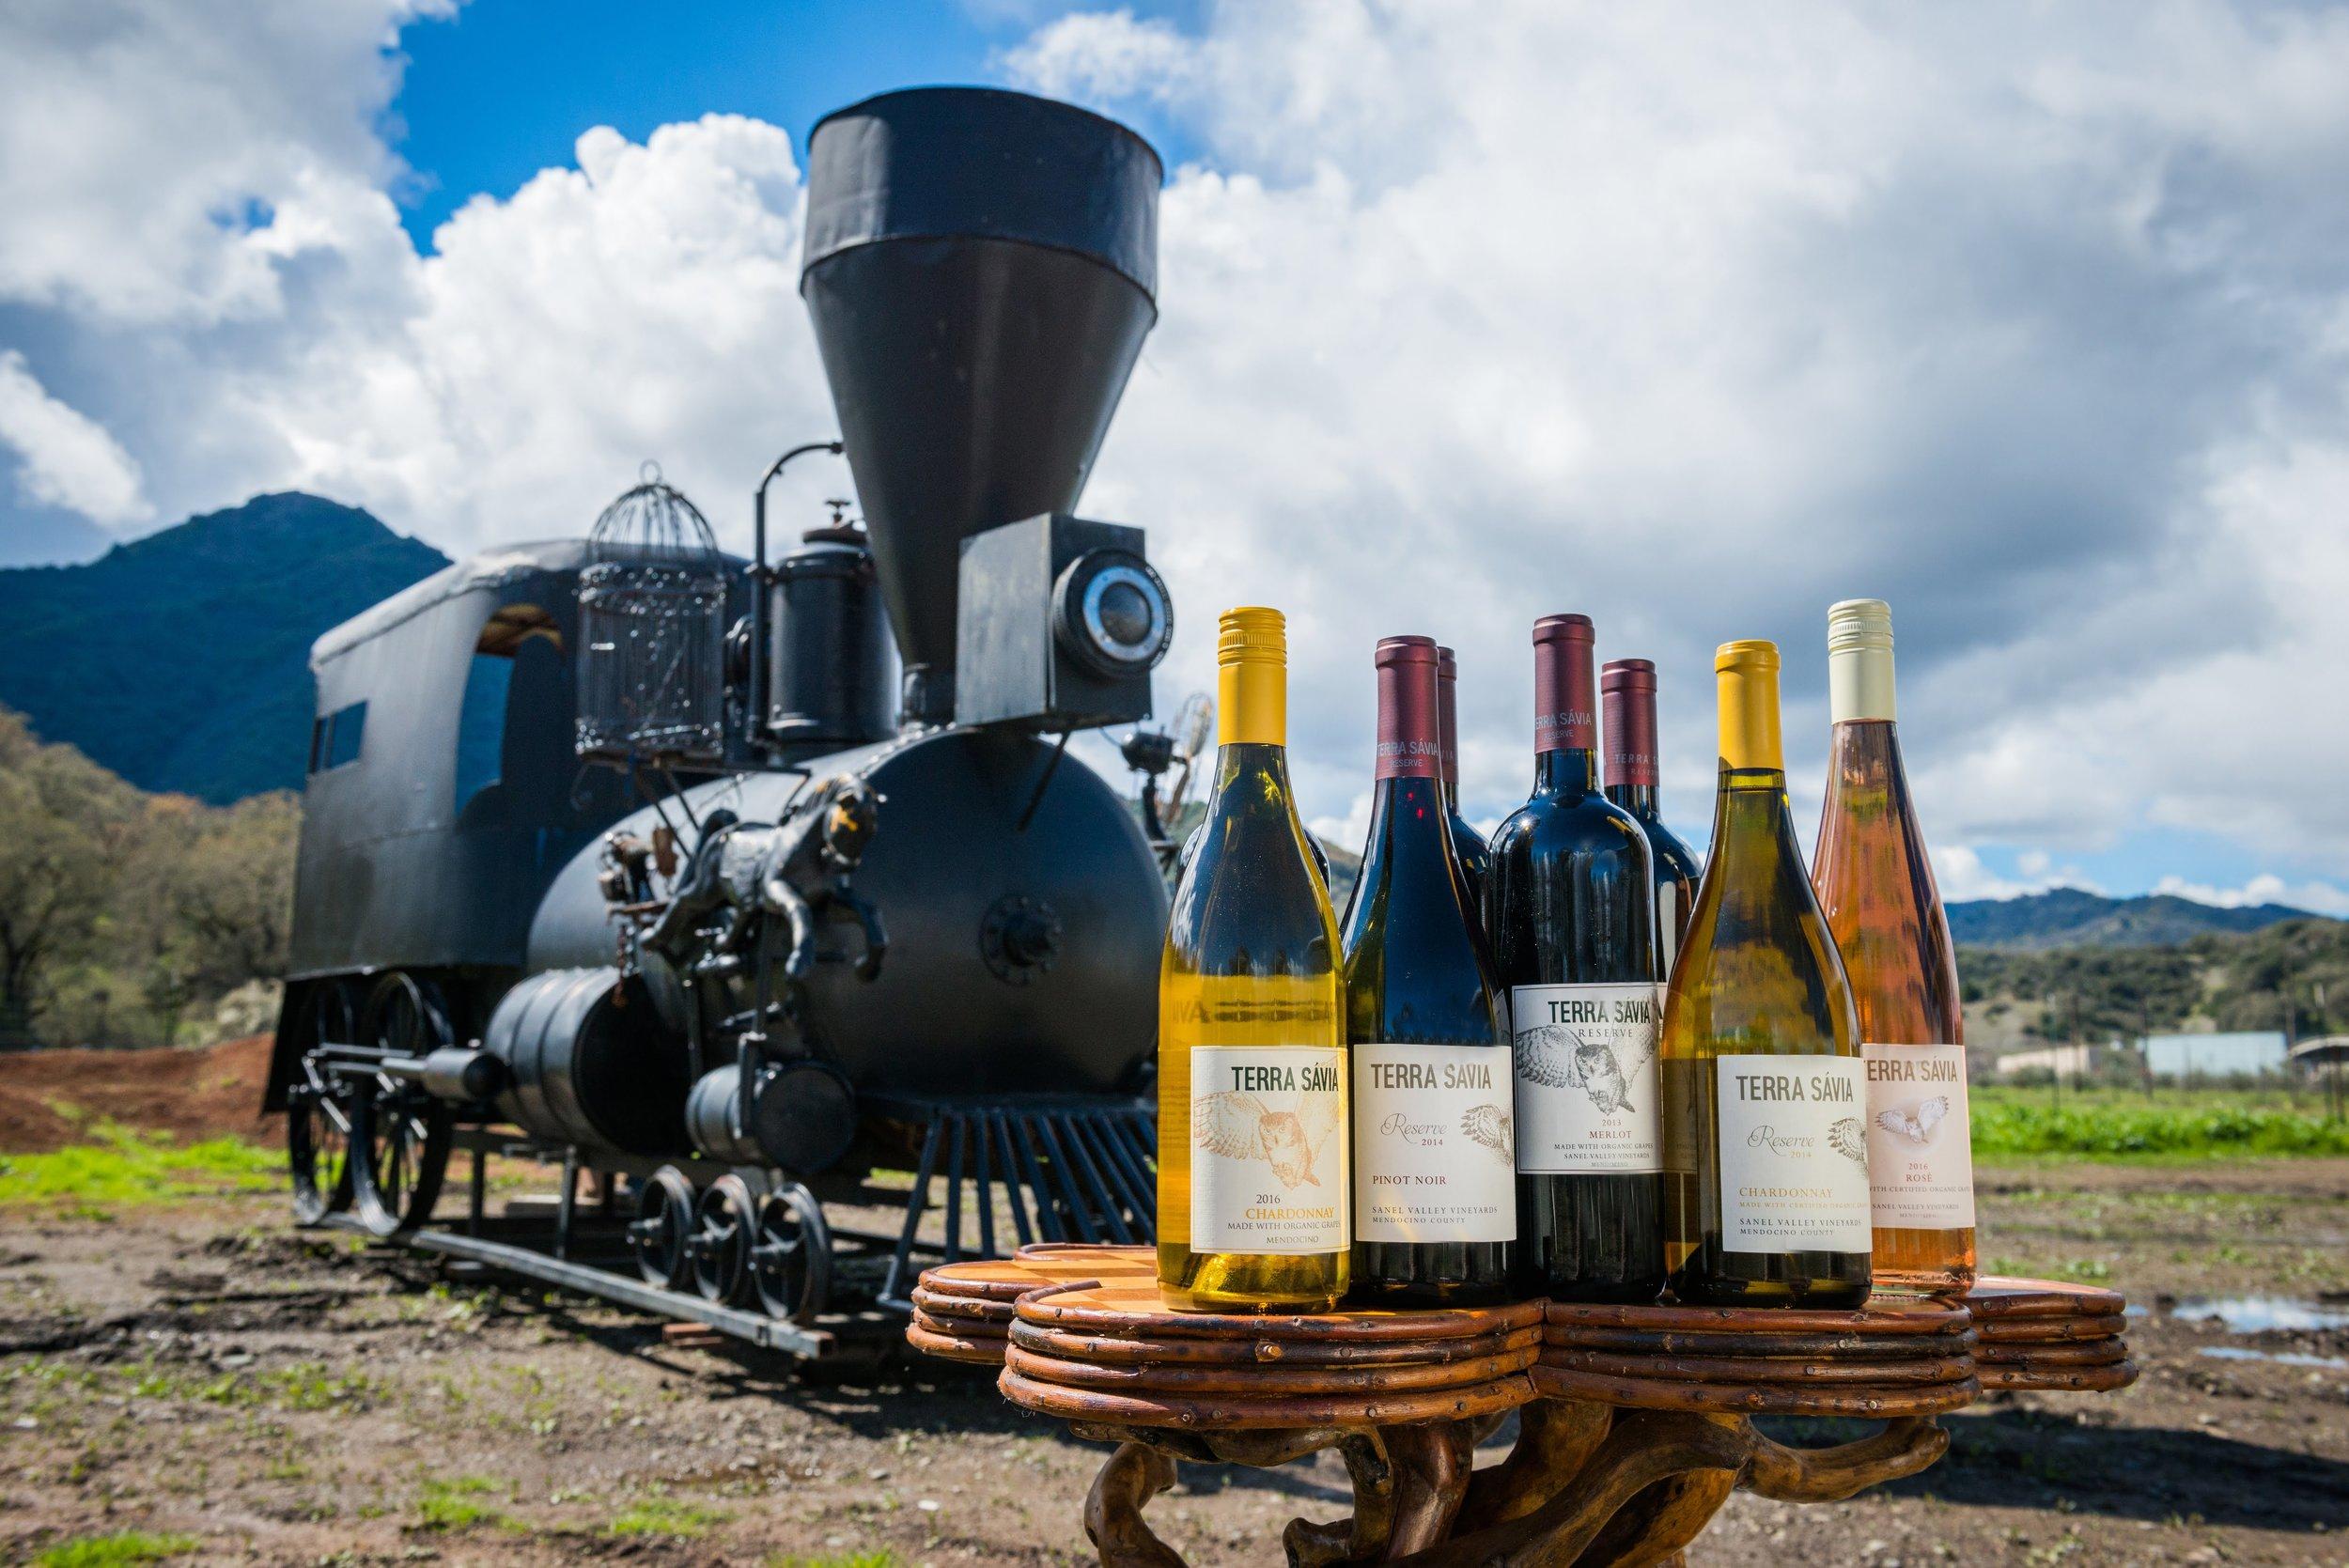 Locomotive Sculpture